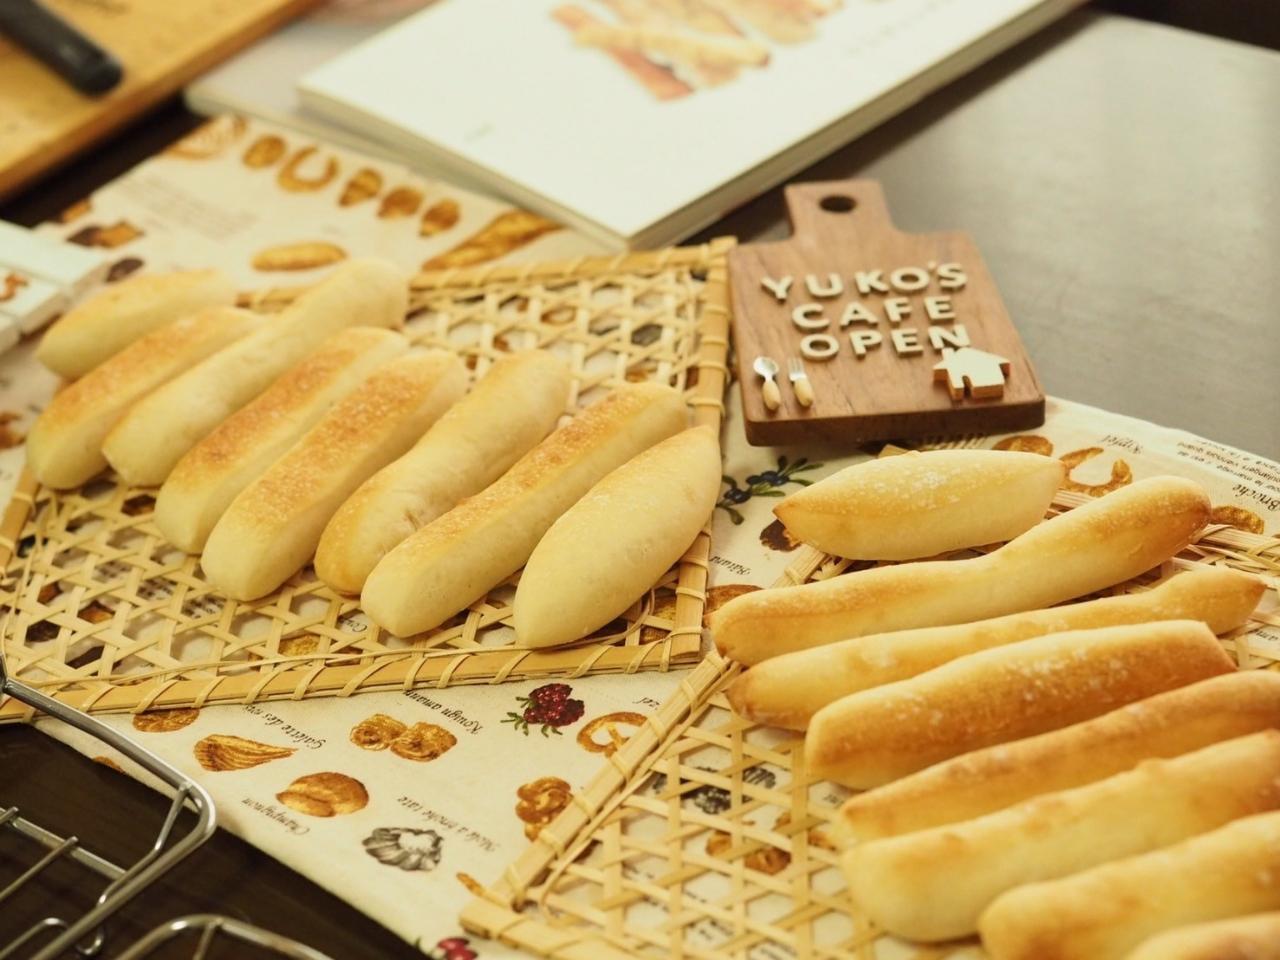 【*おうちパン体験レッスン*】<ミルクスティックパン>たった5分こねるだけでステ...